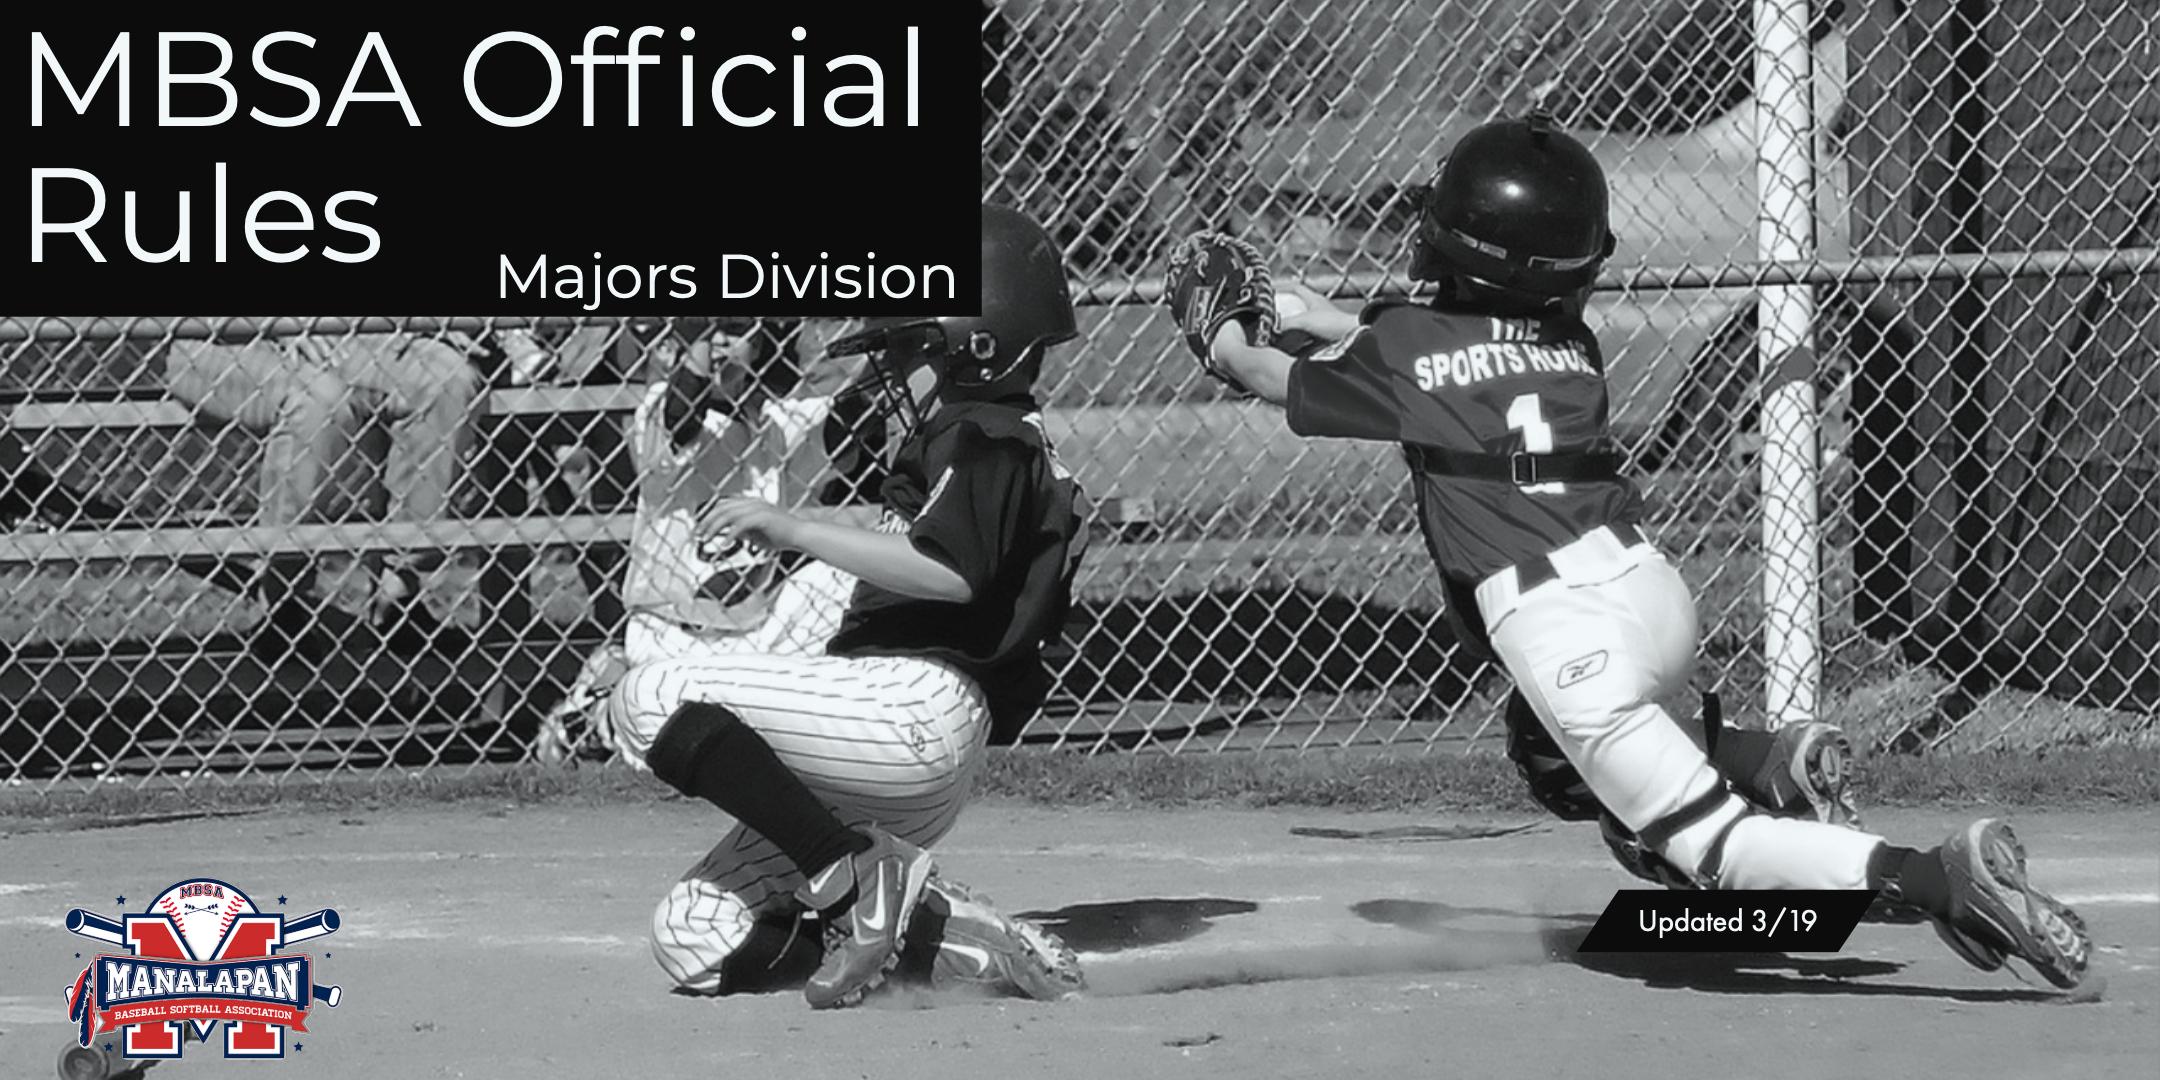 Majors Division | Manalapan Baseball and Softball Association